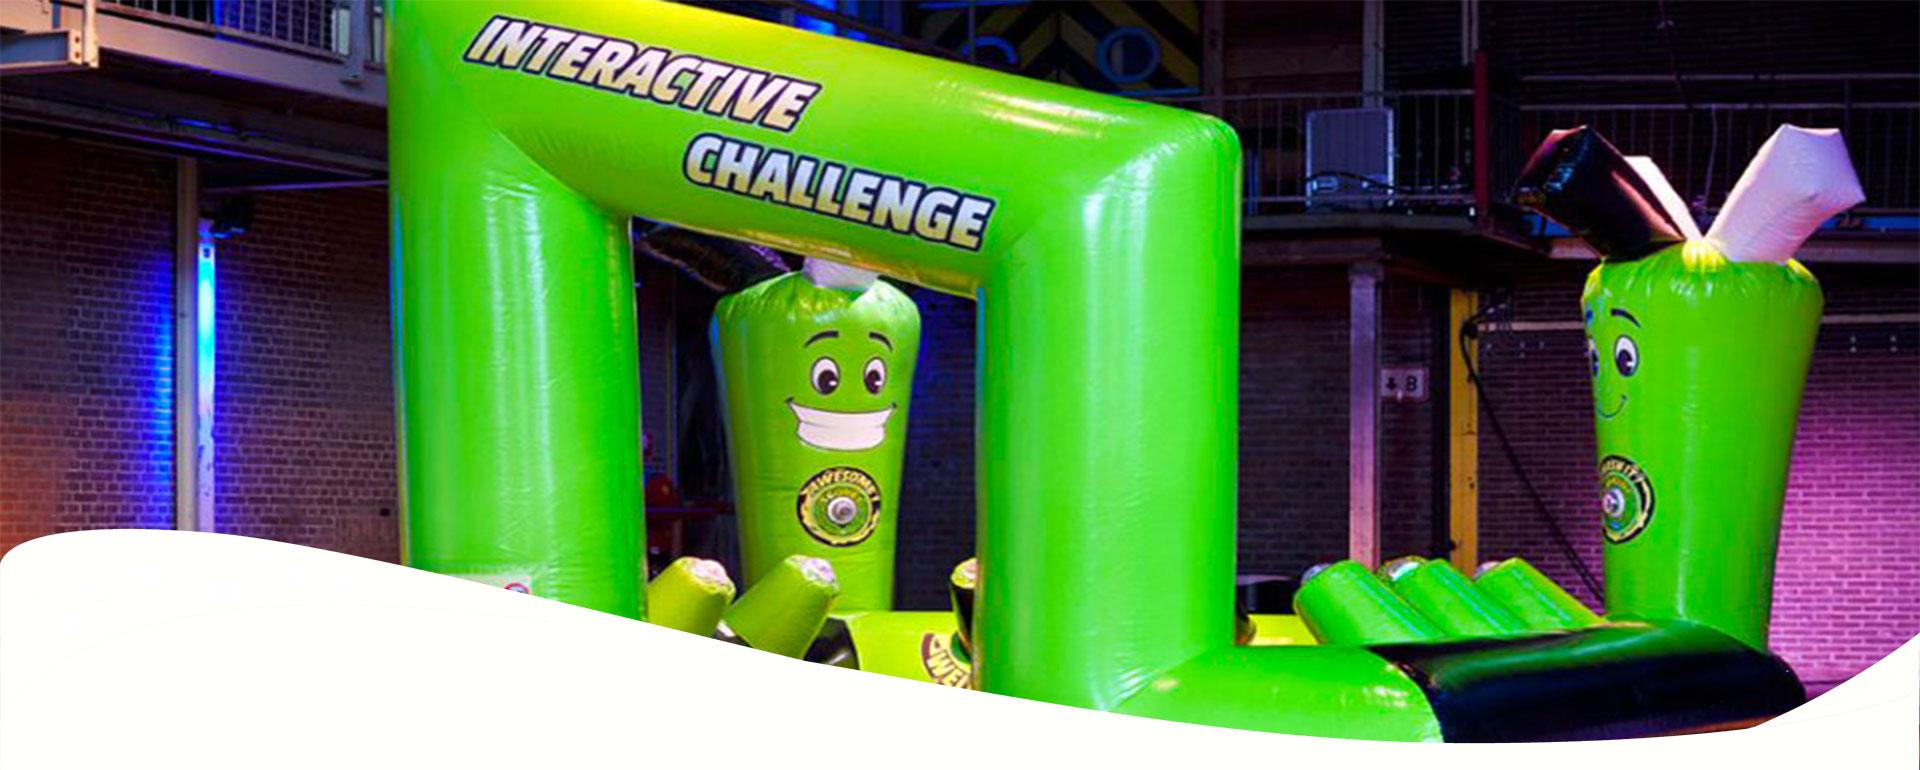 Challenge Interactif